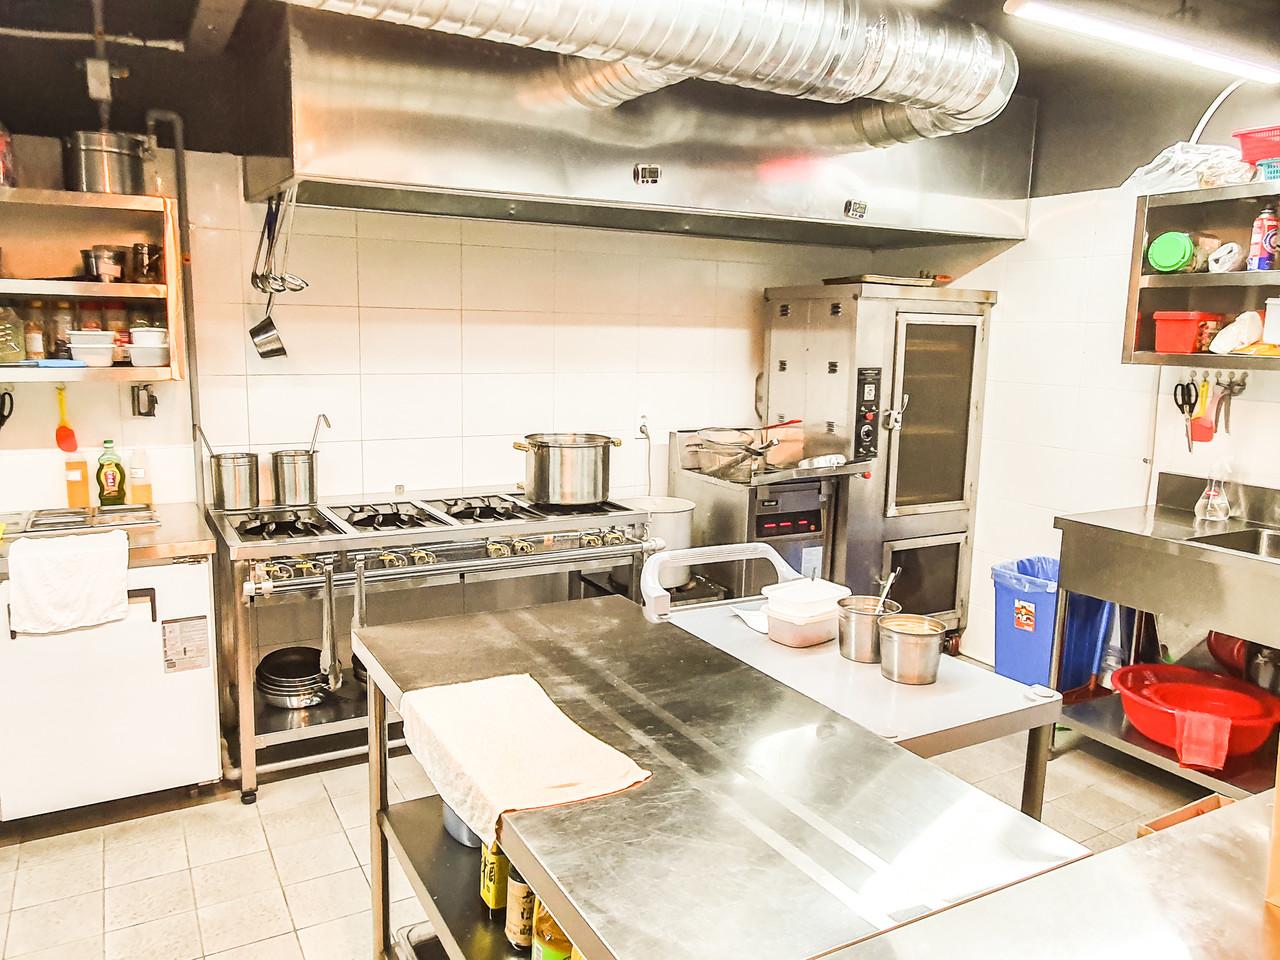 저희 공유주방에서는 최적의 주방동선을 제공합니다. 직접 방문하여 점주님의 업종에 맞는 주방을 커스터마이징 해보세요. 저희가 도와드리겠습니다.